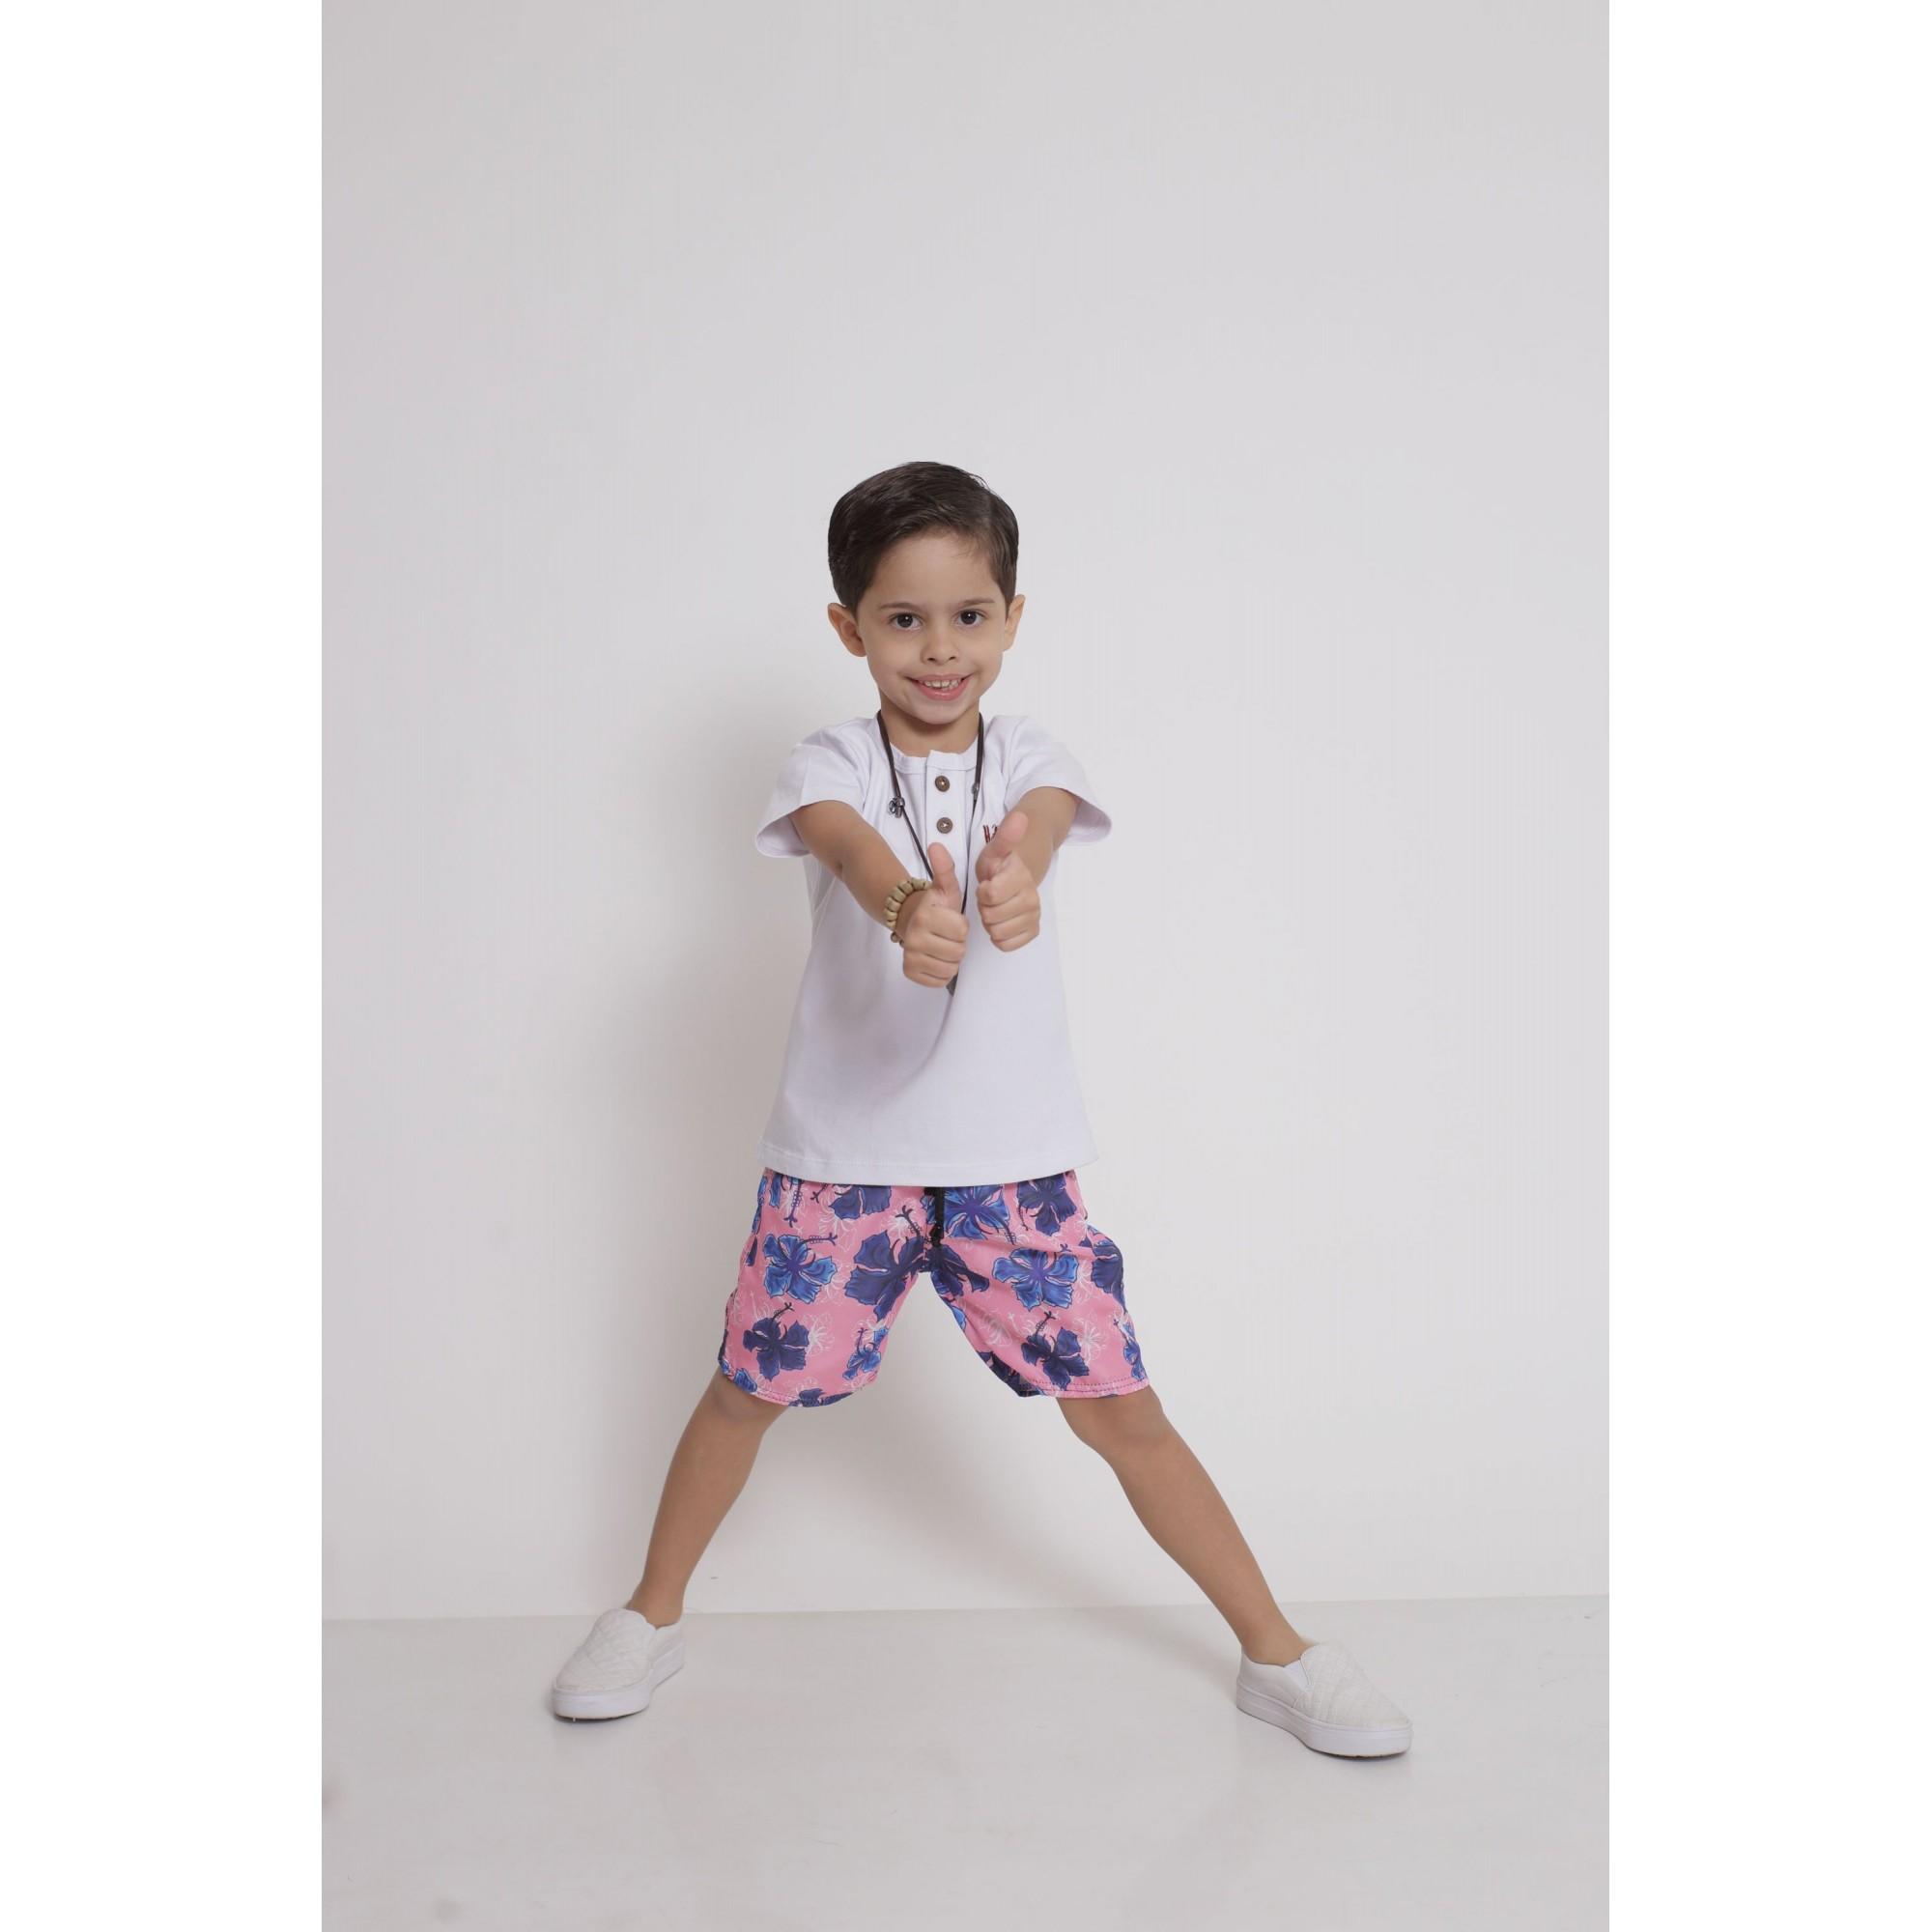 Bermuda Infantil Rosa Floral  - Heitor Fashion Brazil